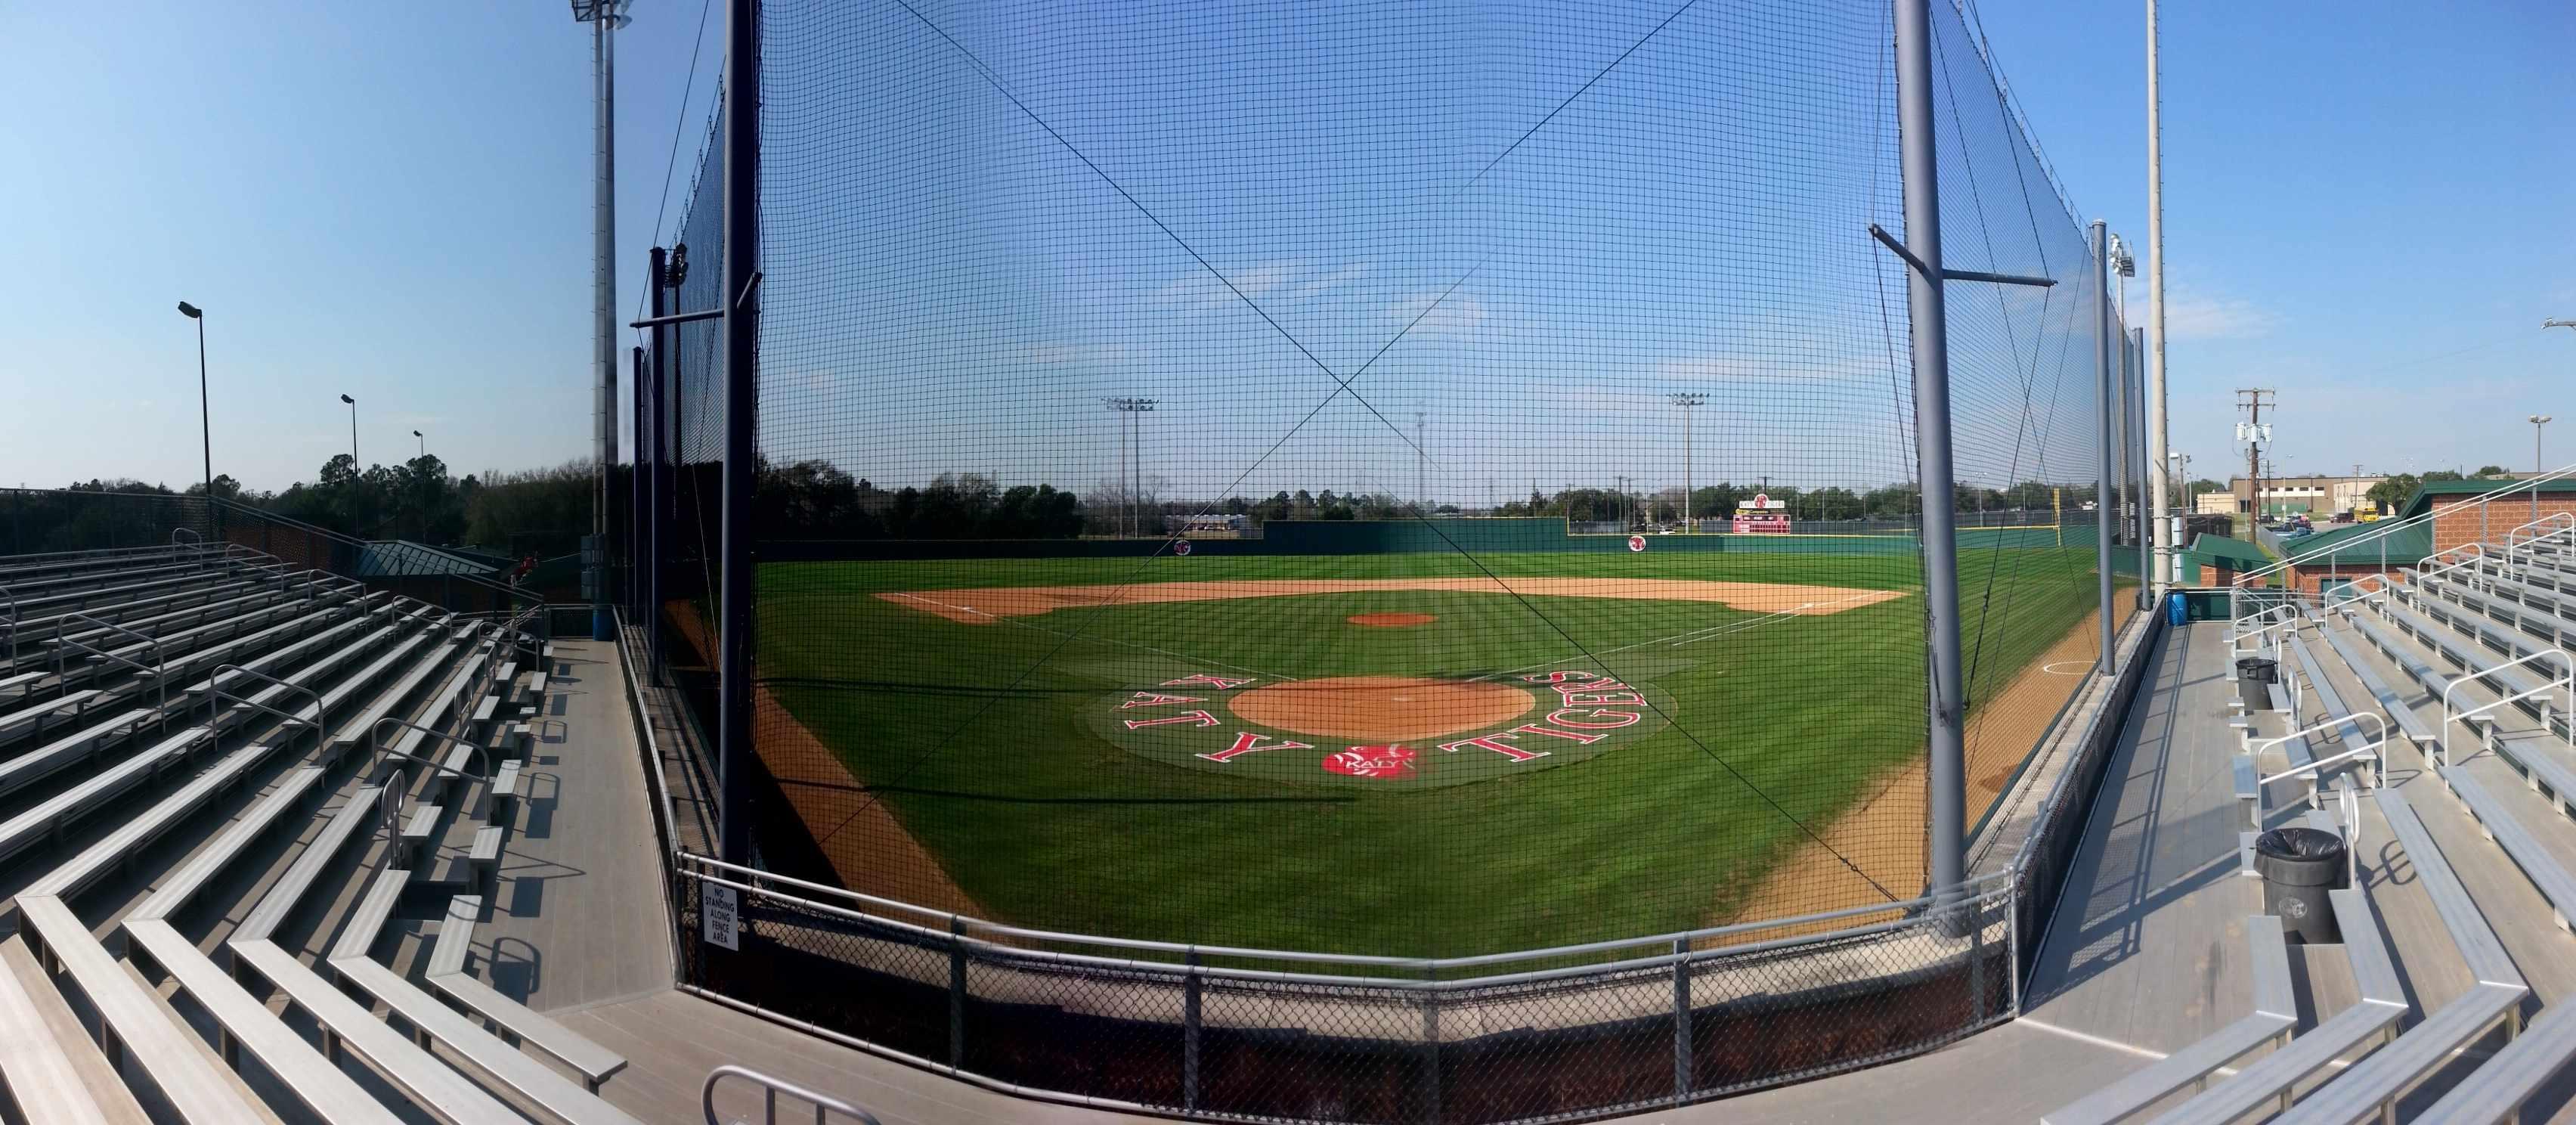 Field 1.jpg